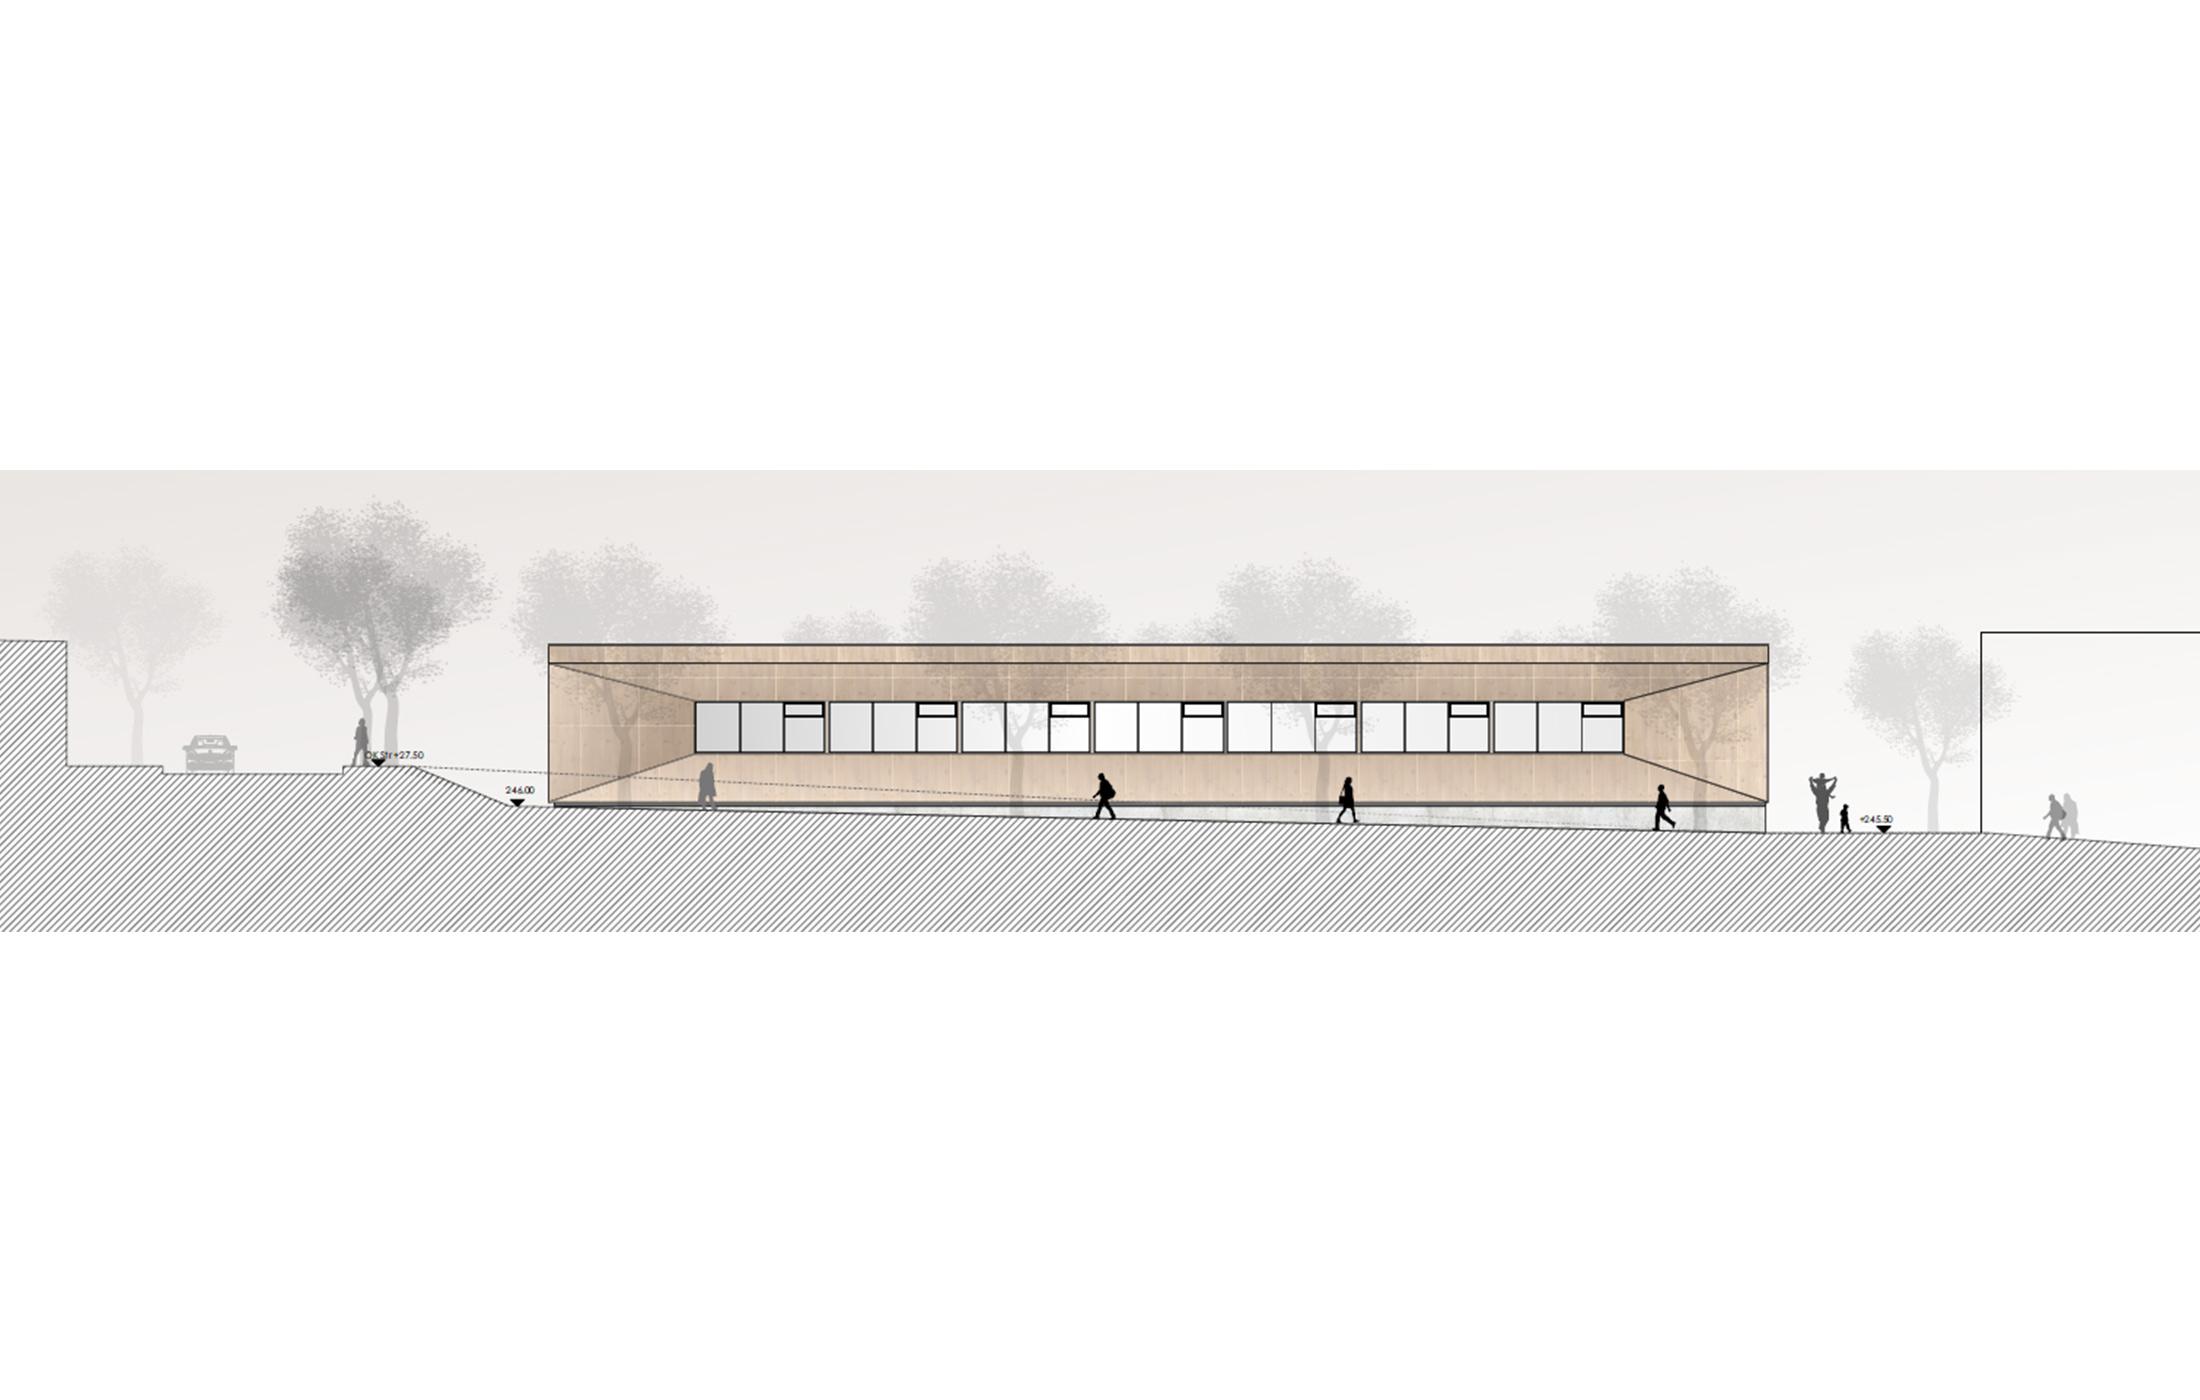 2017, Wettbewerb Dreifeld-Sporthalle Alter Postweg